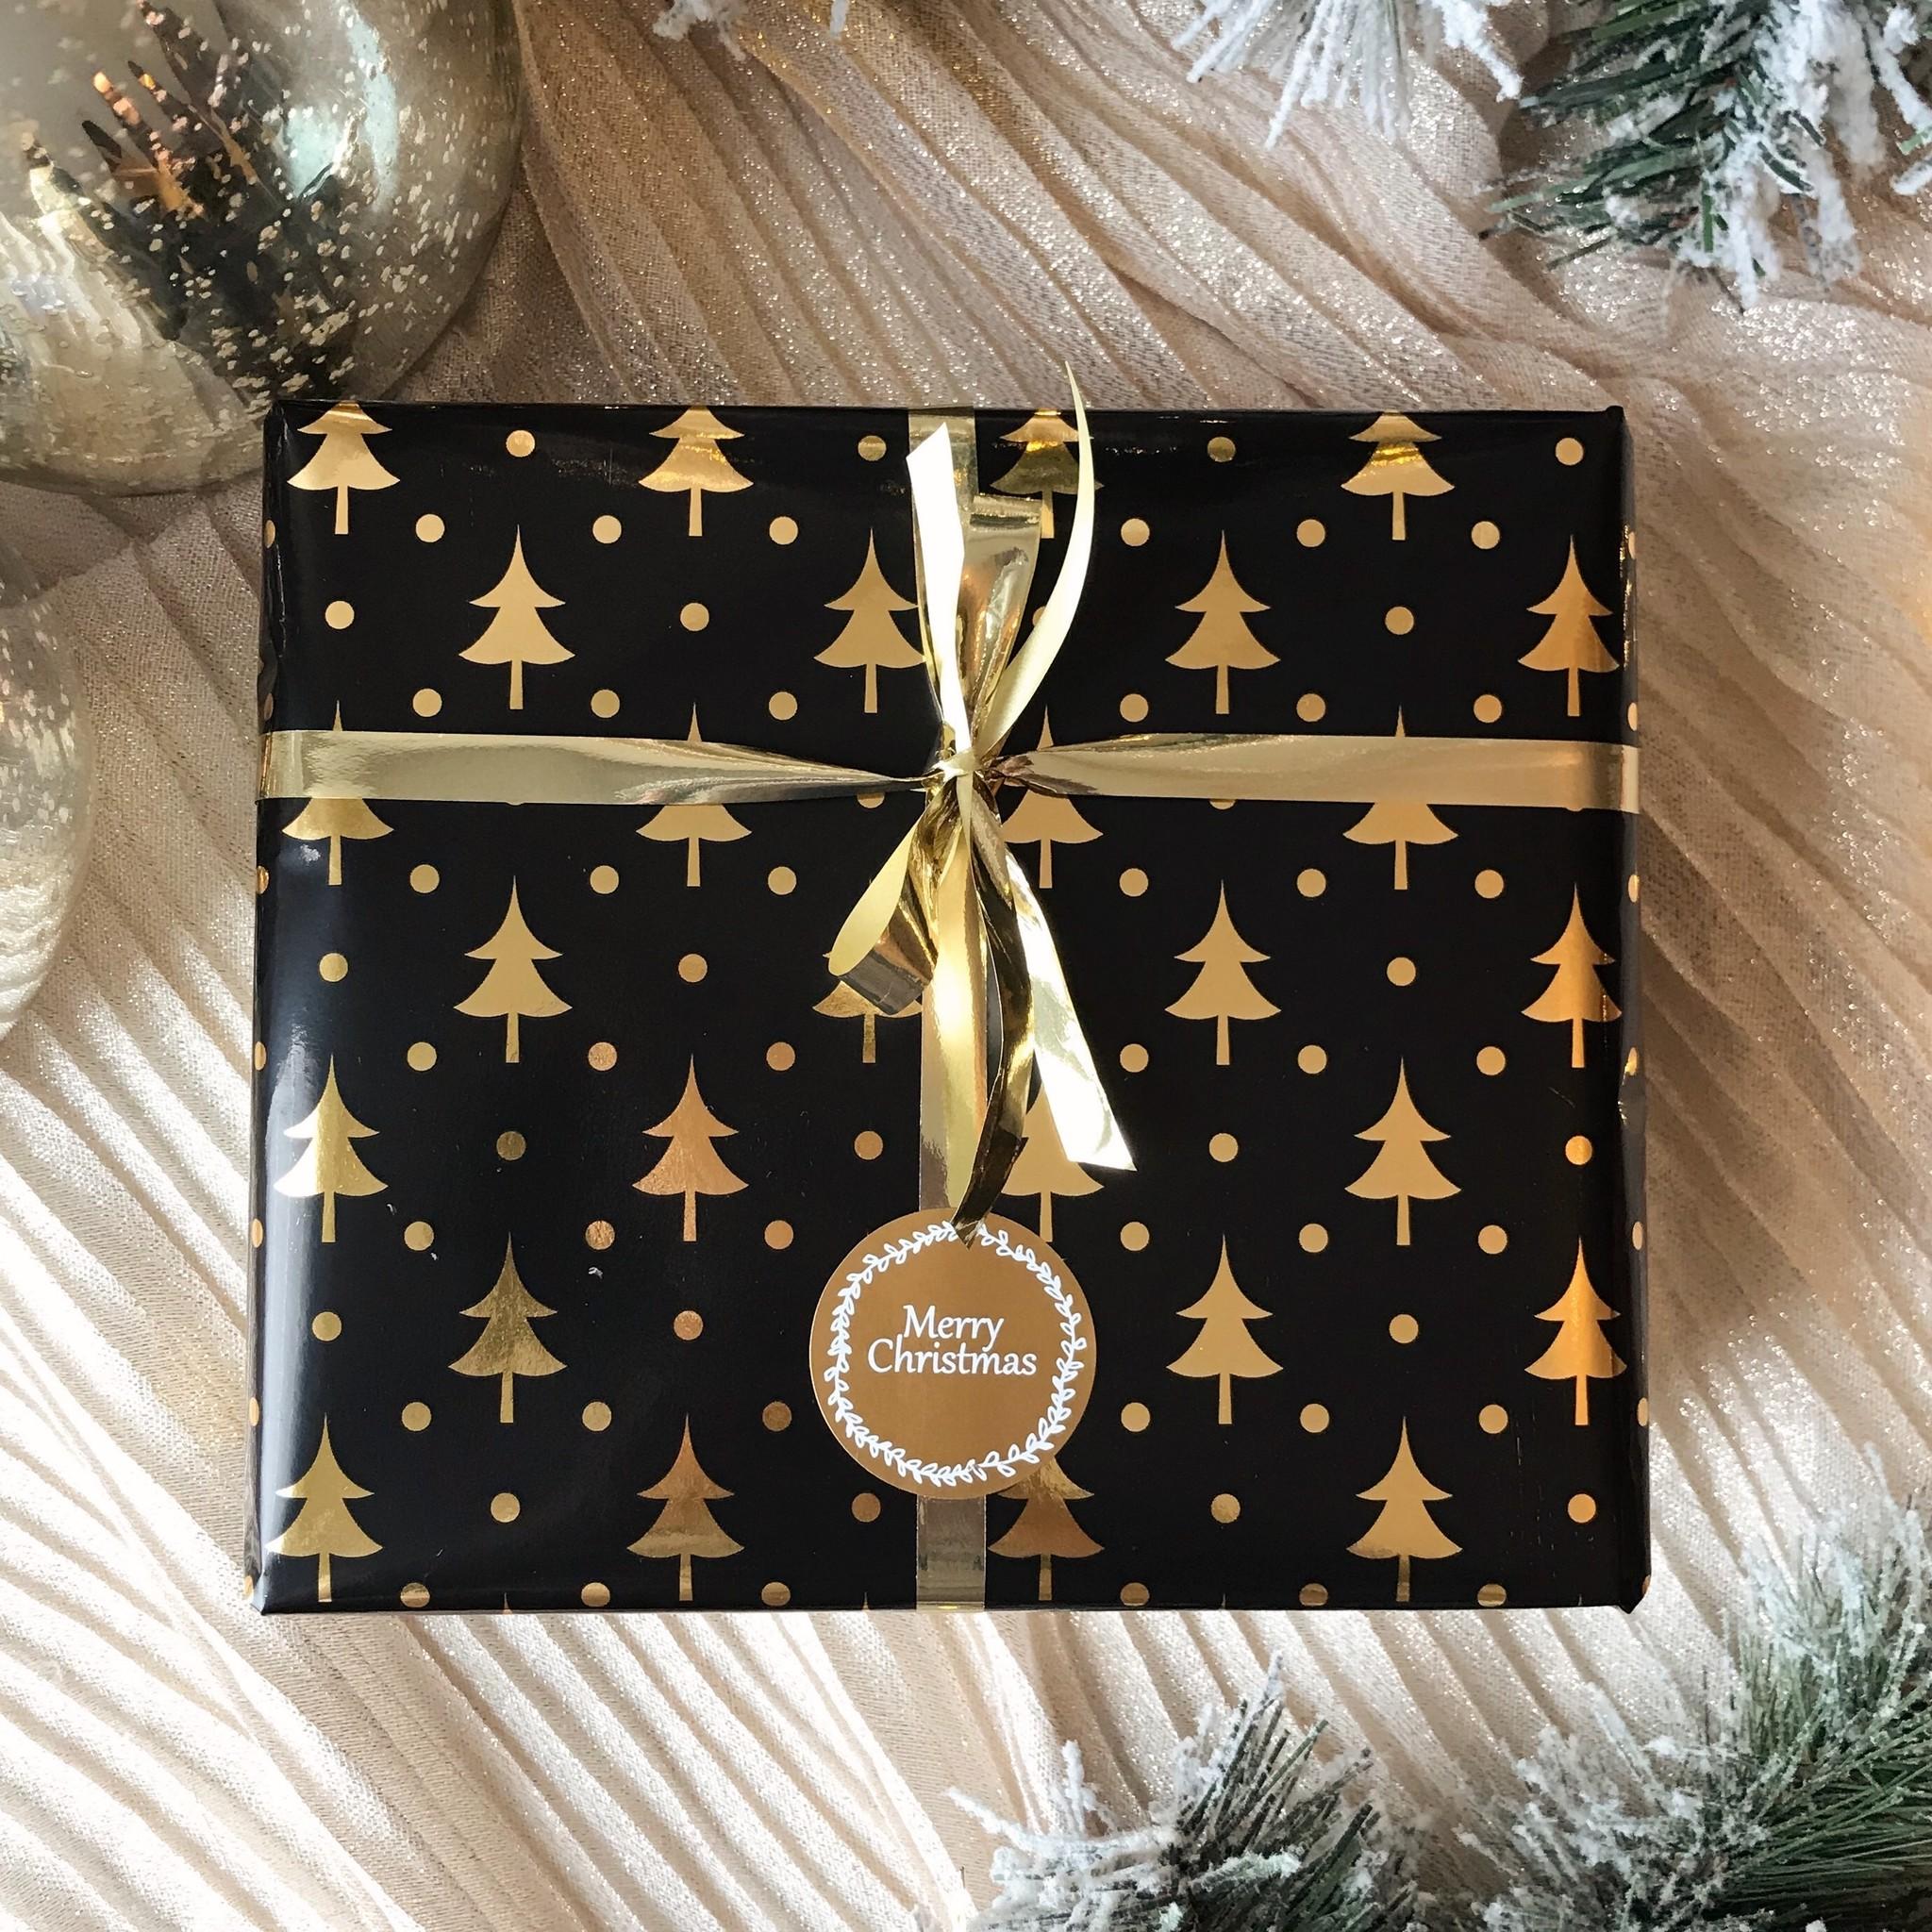 Kerst Cadeaupapier - Christmas Trees, Black & Gold (Opgelet, door drukte neemt inpakken een dag langer in beslag.)